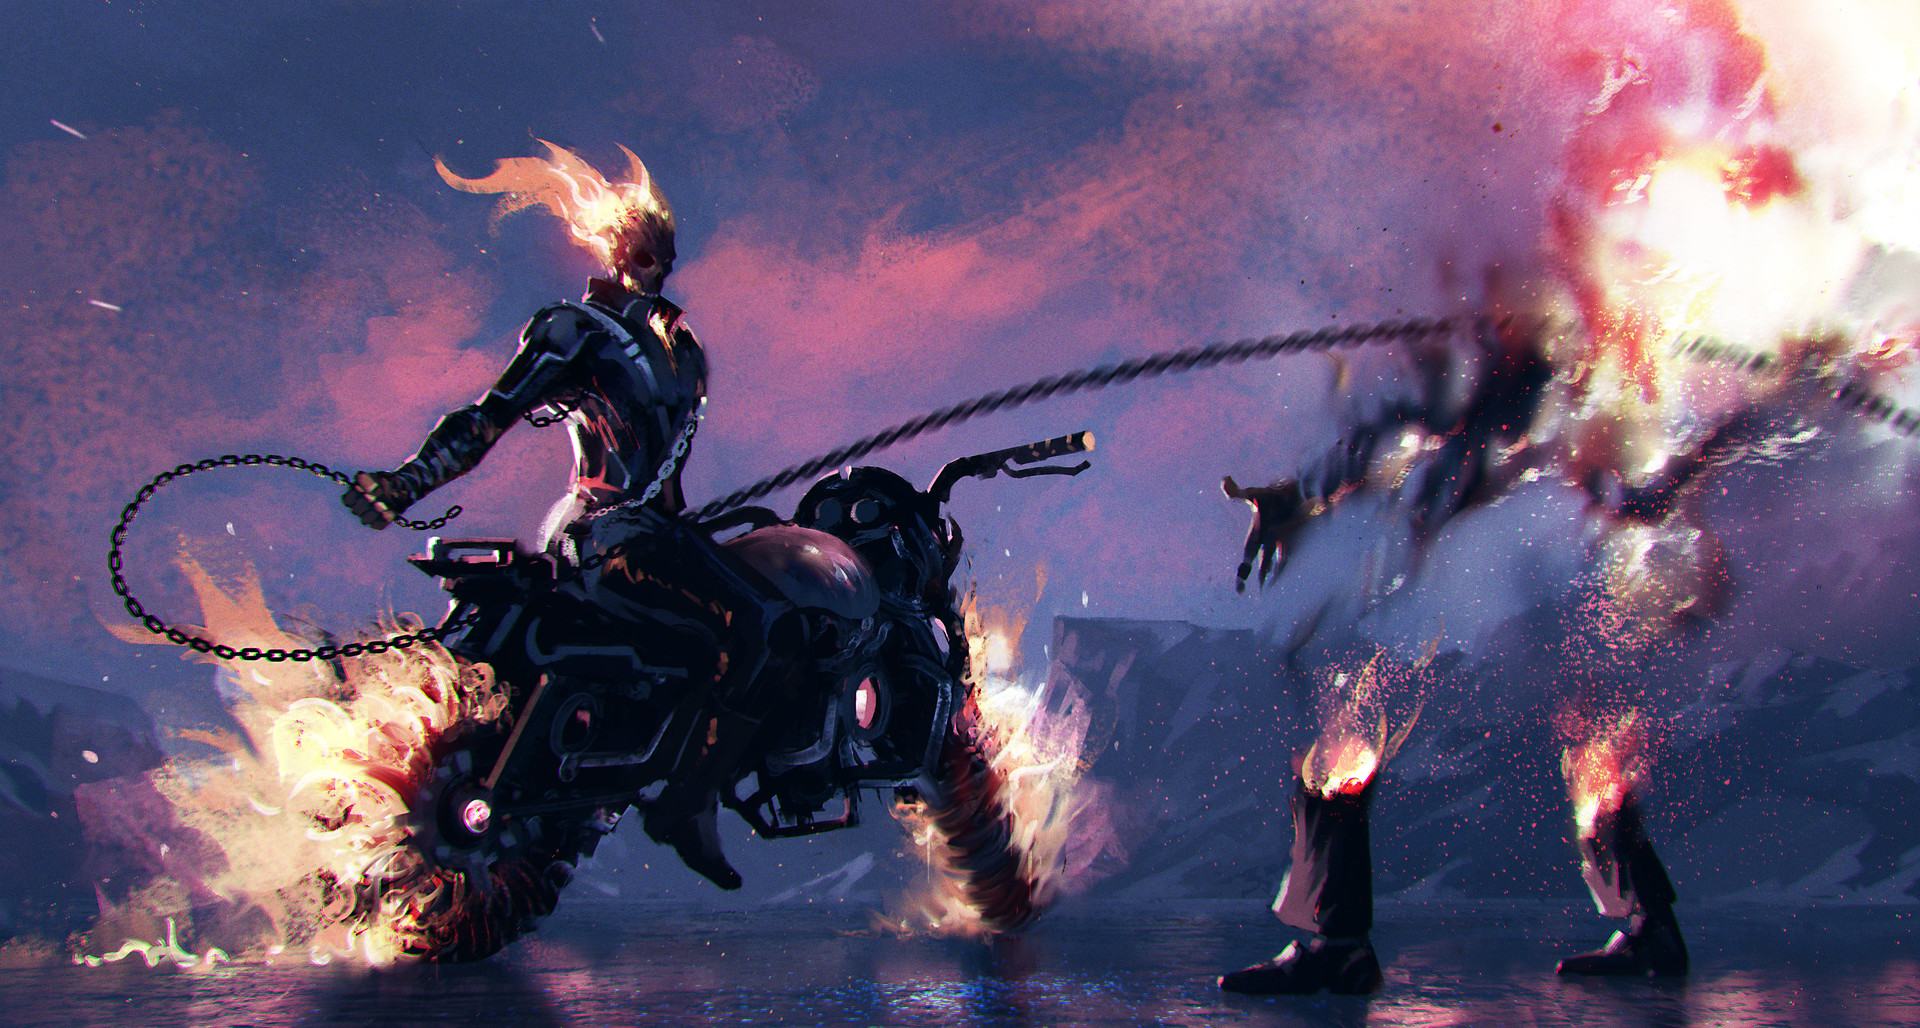 Ghost Rider Digital Art, HD Superheroes, 4k Wallpapers ...  |Ghost Rider Digital Painting Photoshop